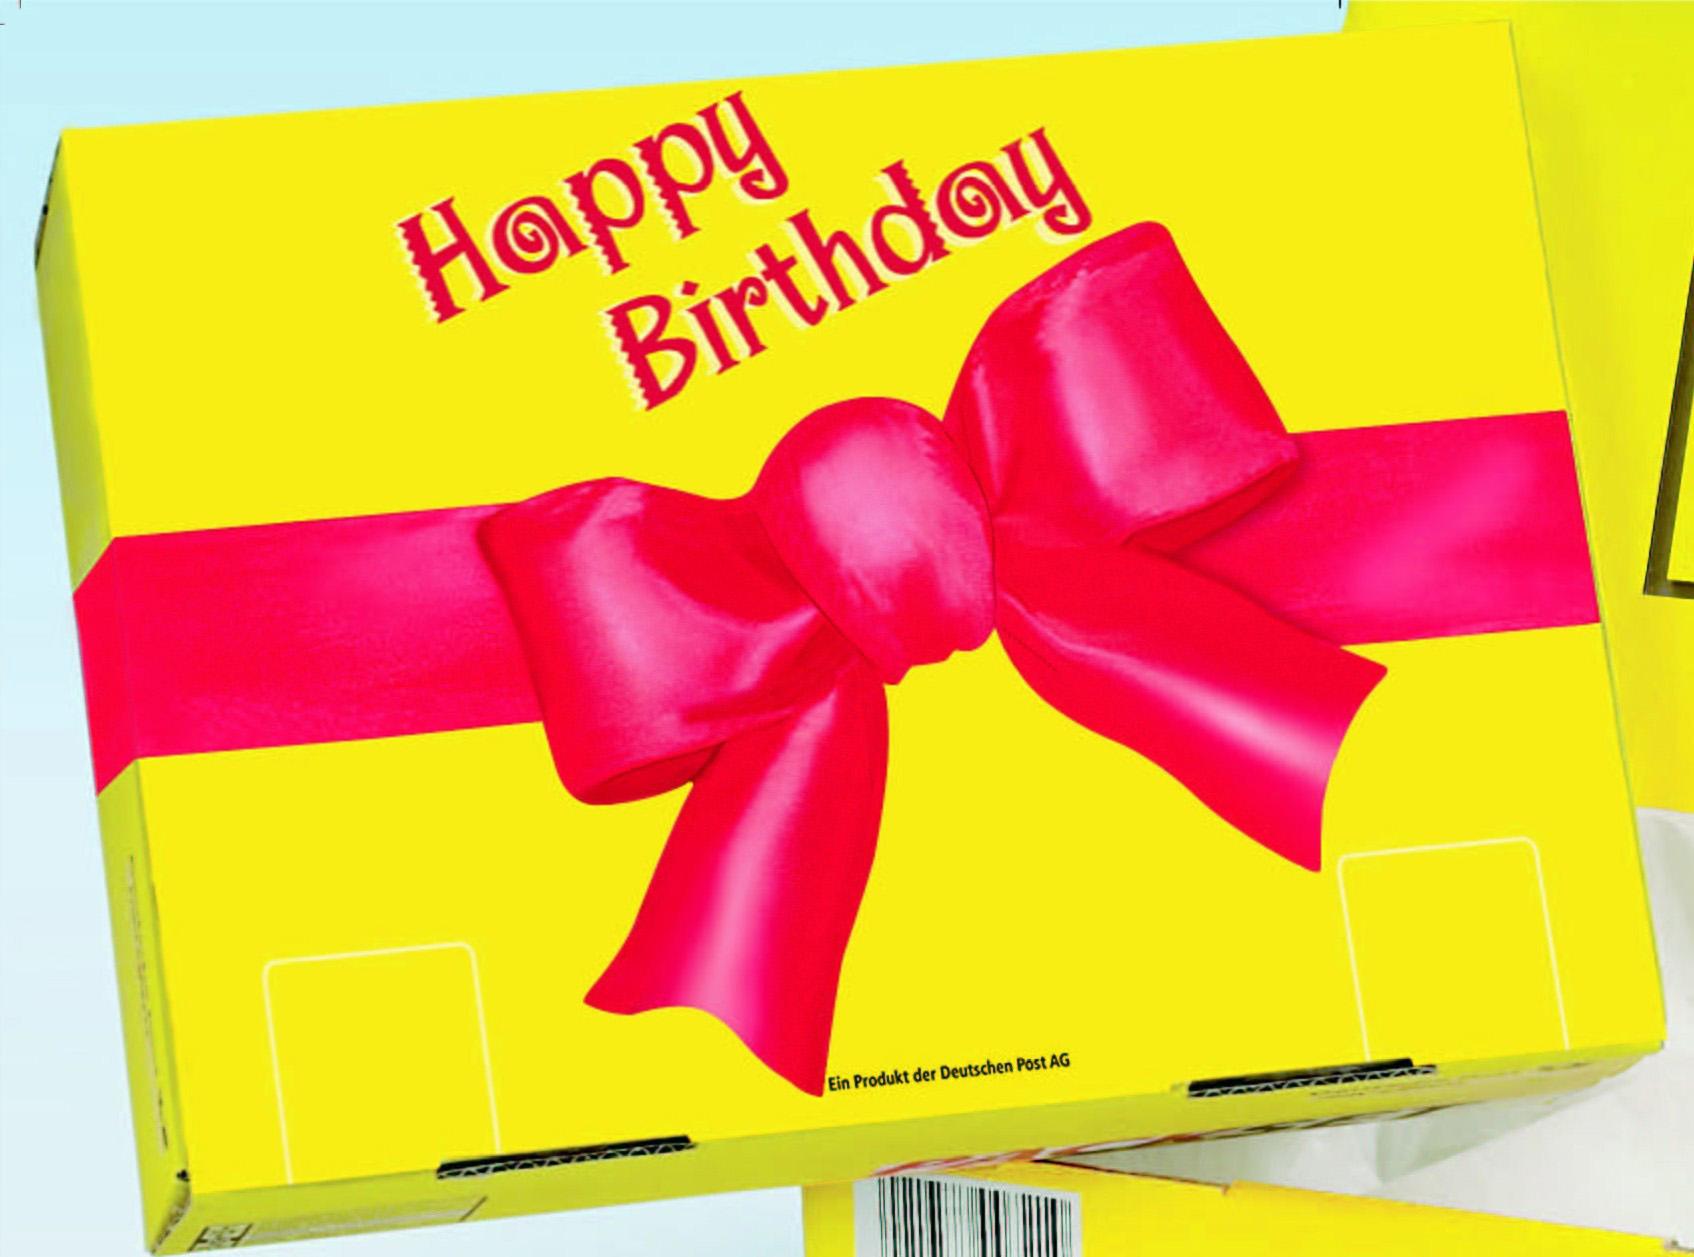 Geburtstagslied Lustig Zum Geburtstag Wunsch Ich Dir